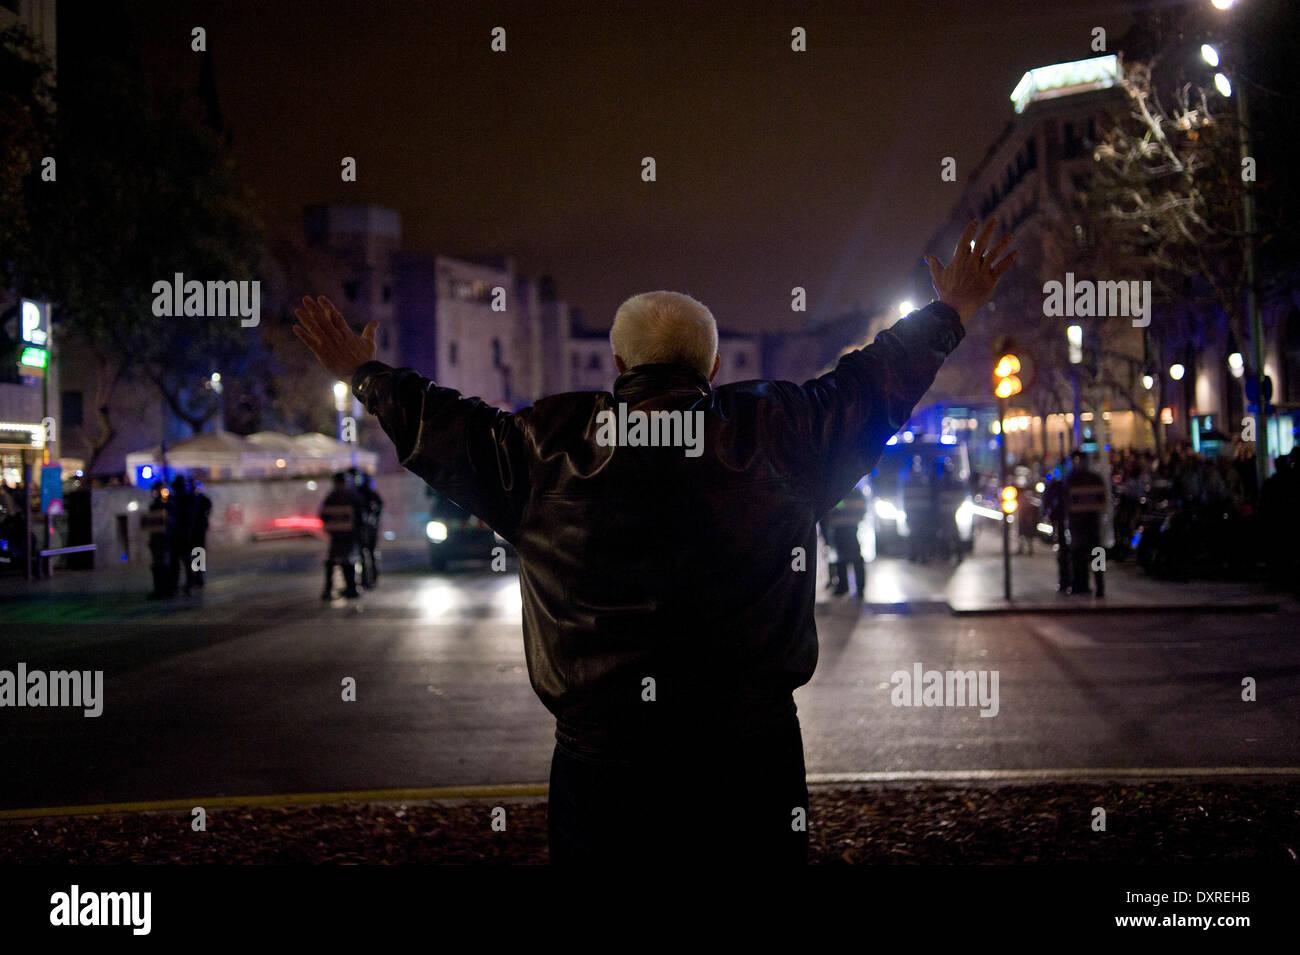 Barcelona, Spanien 29. März 2014. Ein Demonstrant mit offenen Armen in pazifistischen Haltung gegenüber einem Riot Polizei Kordon. Eine Demonstration in Barcelona von mehreren sozialen Gruppen gegen Kürzungen und Unterdrückung endete mit Auseinandersetzungen mit der Polizei in der Innenstadt statt. Bildnachweis: Jordi Boixareu/Alamy Live-Nachrichten Stockbild